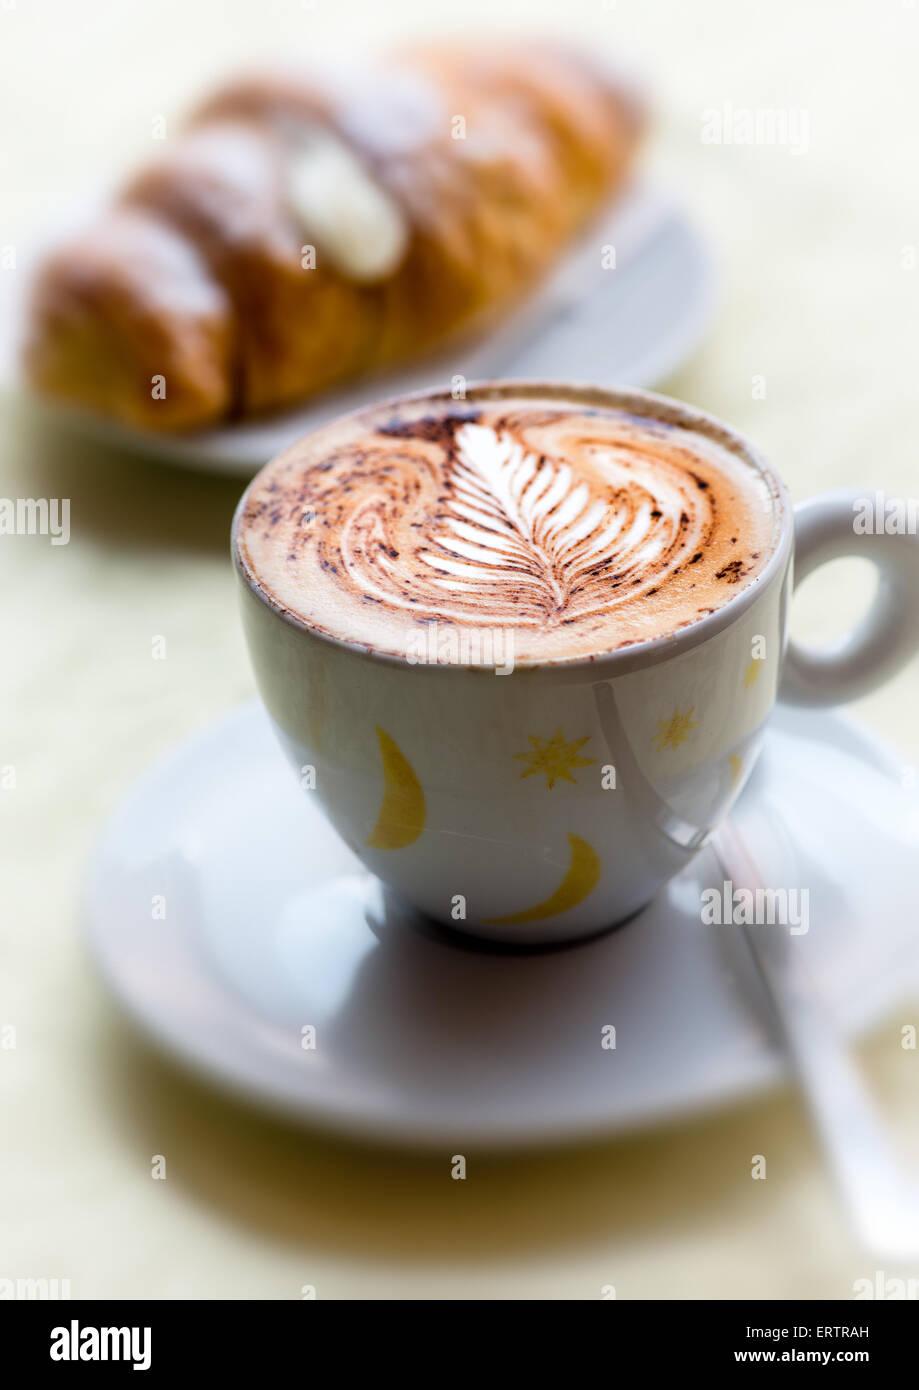 Coppa decorativa del preparato di fresco cappuccino caldo con una foglia pattern nella spuma lattiginosa servita Immagini Stock